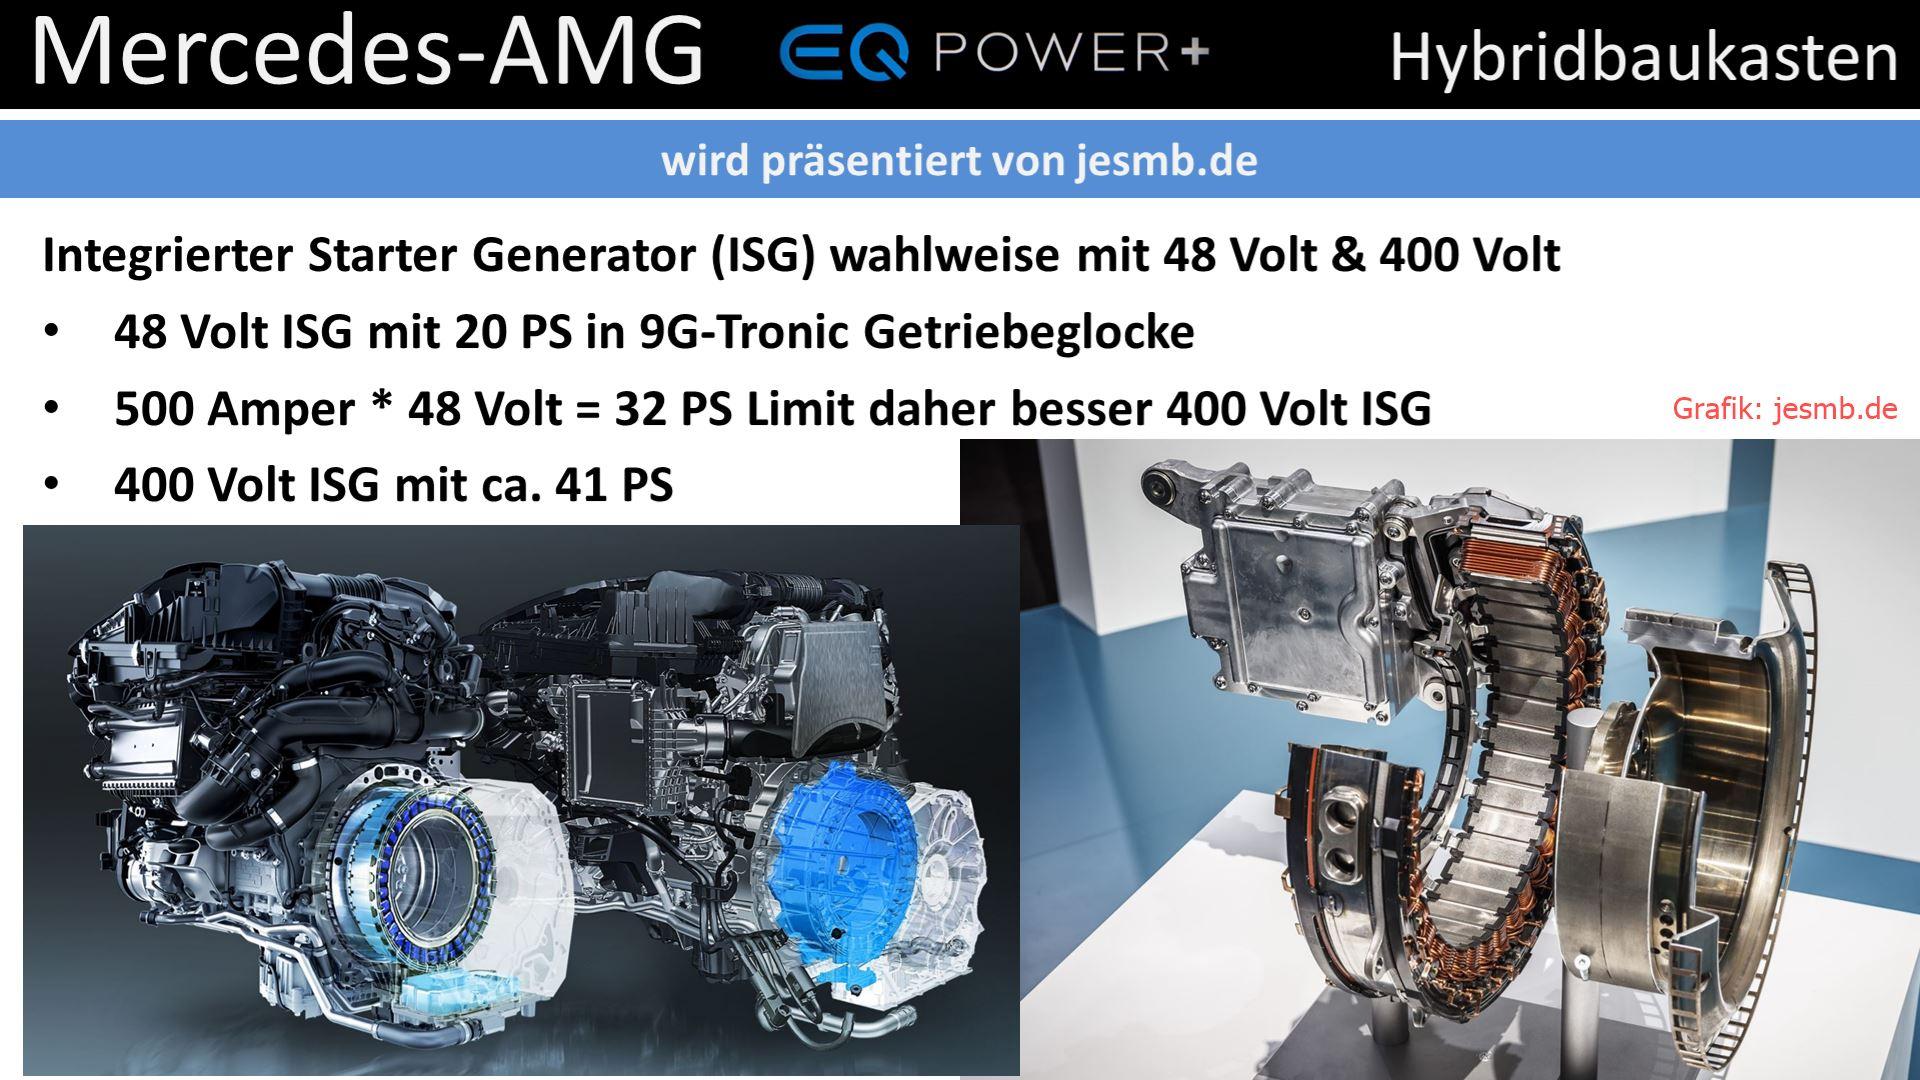 Mercedes-AMG EQ Power+ Hybrid Baukasten